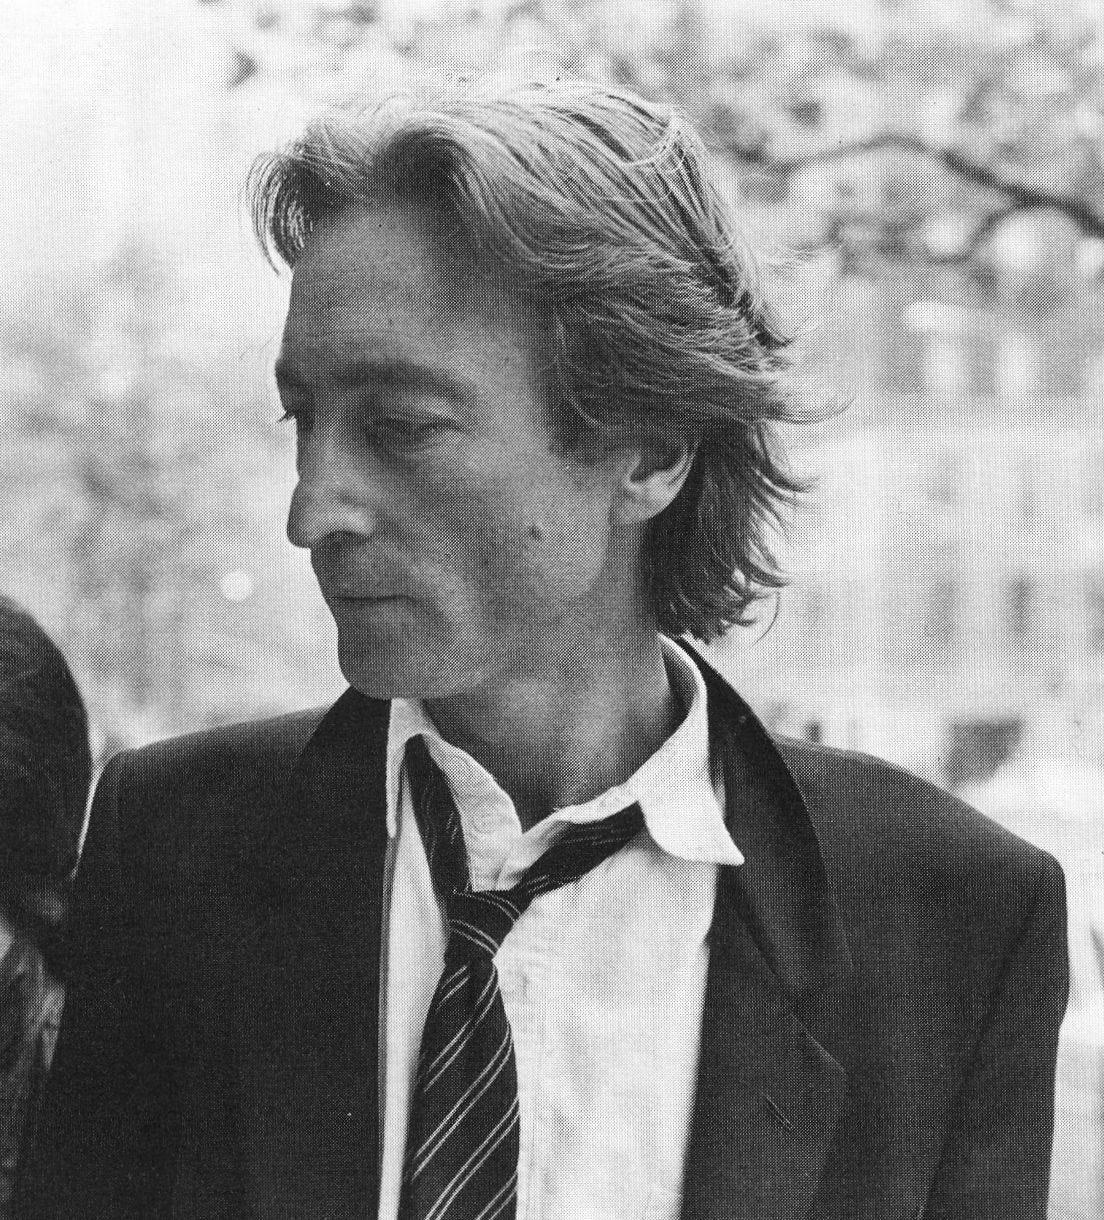 John Lennon, New York City, August 1980. 9.1. 2016, www.nco.is , NCO  eCommerce, IoT, www.netkaup.is | John lennon beatles, Lennon, The beatles